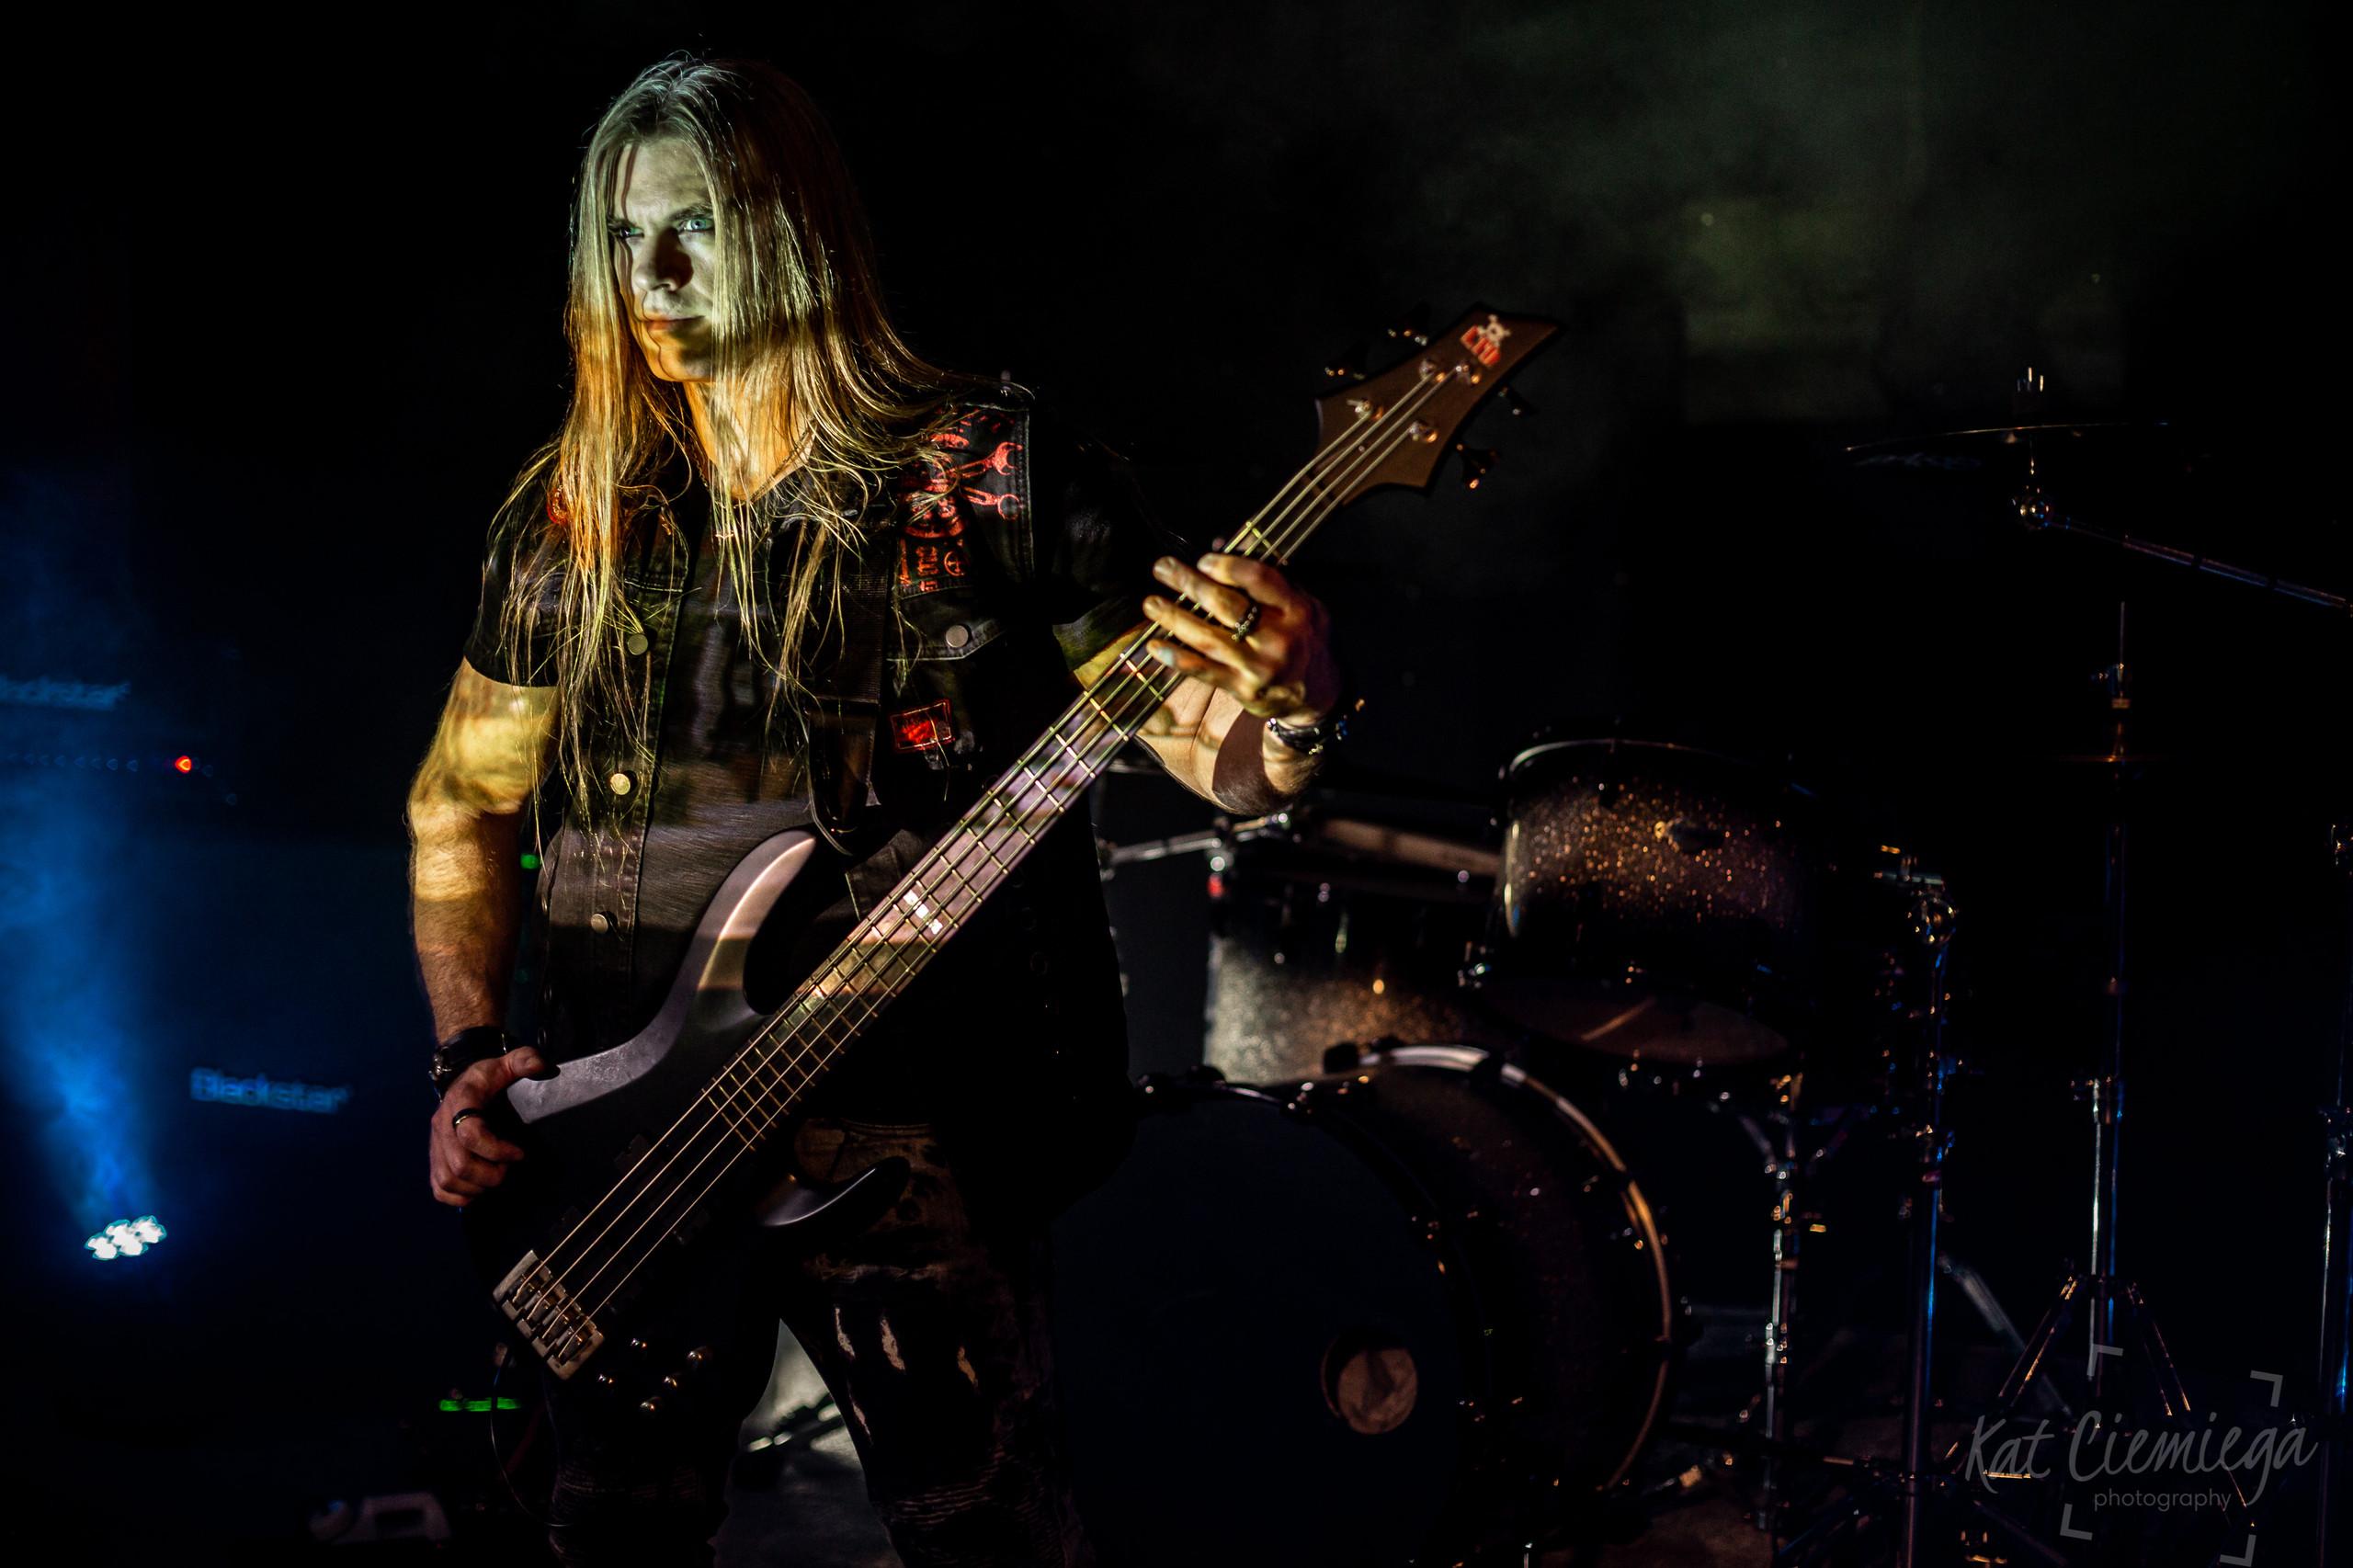 Kat Ciemiega Photography, music photography London, Metasoma, bass player, Jake Thorsen